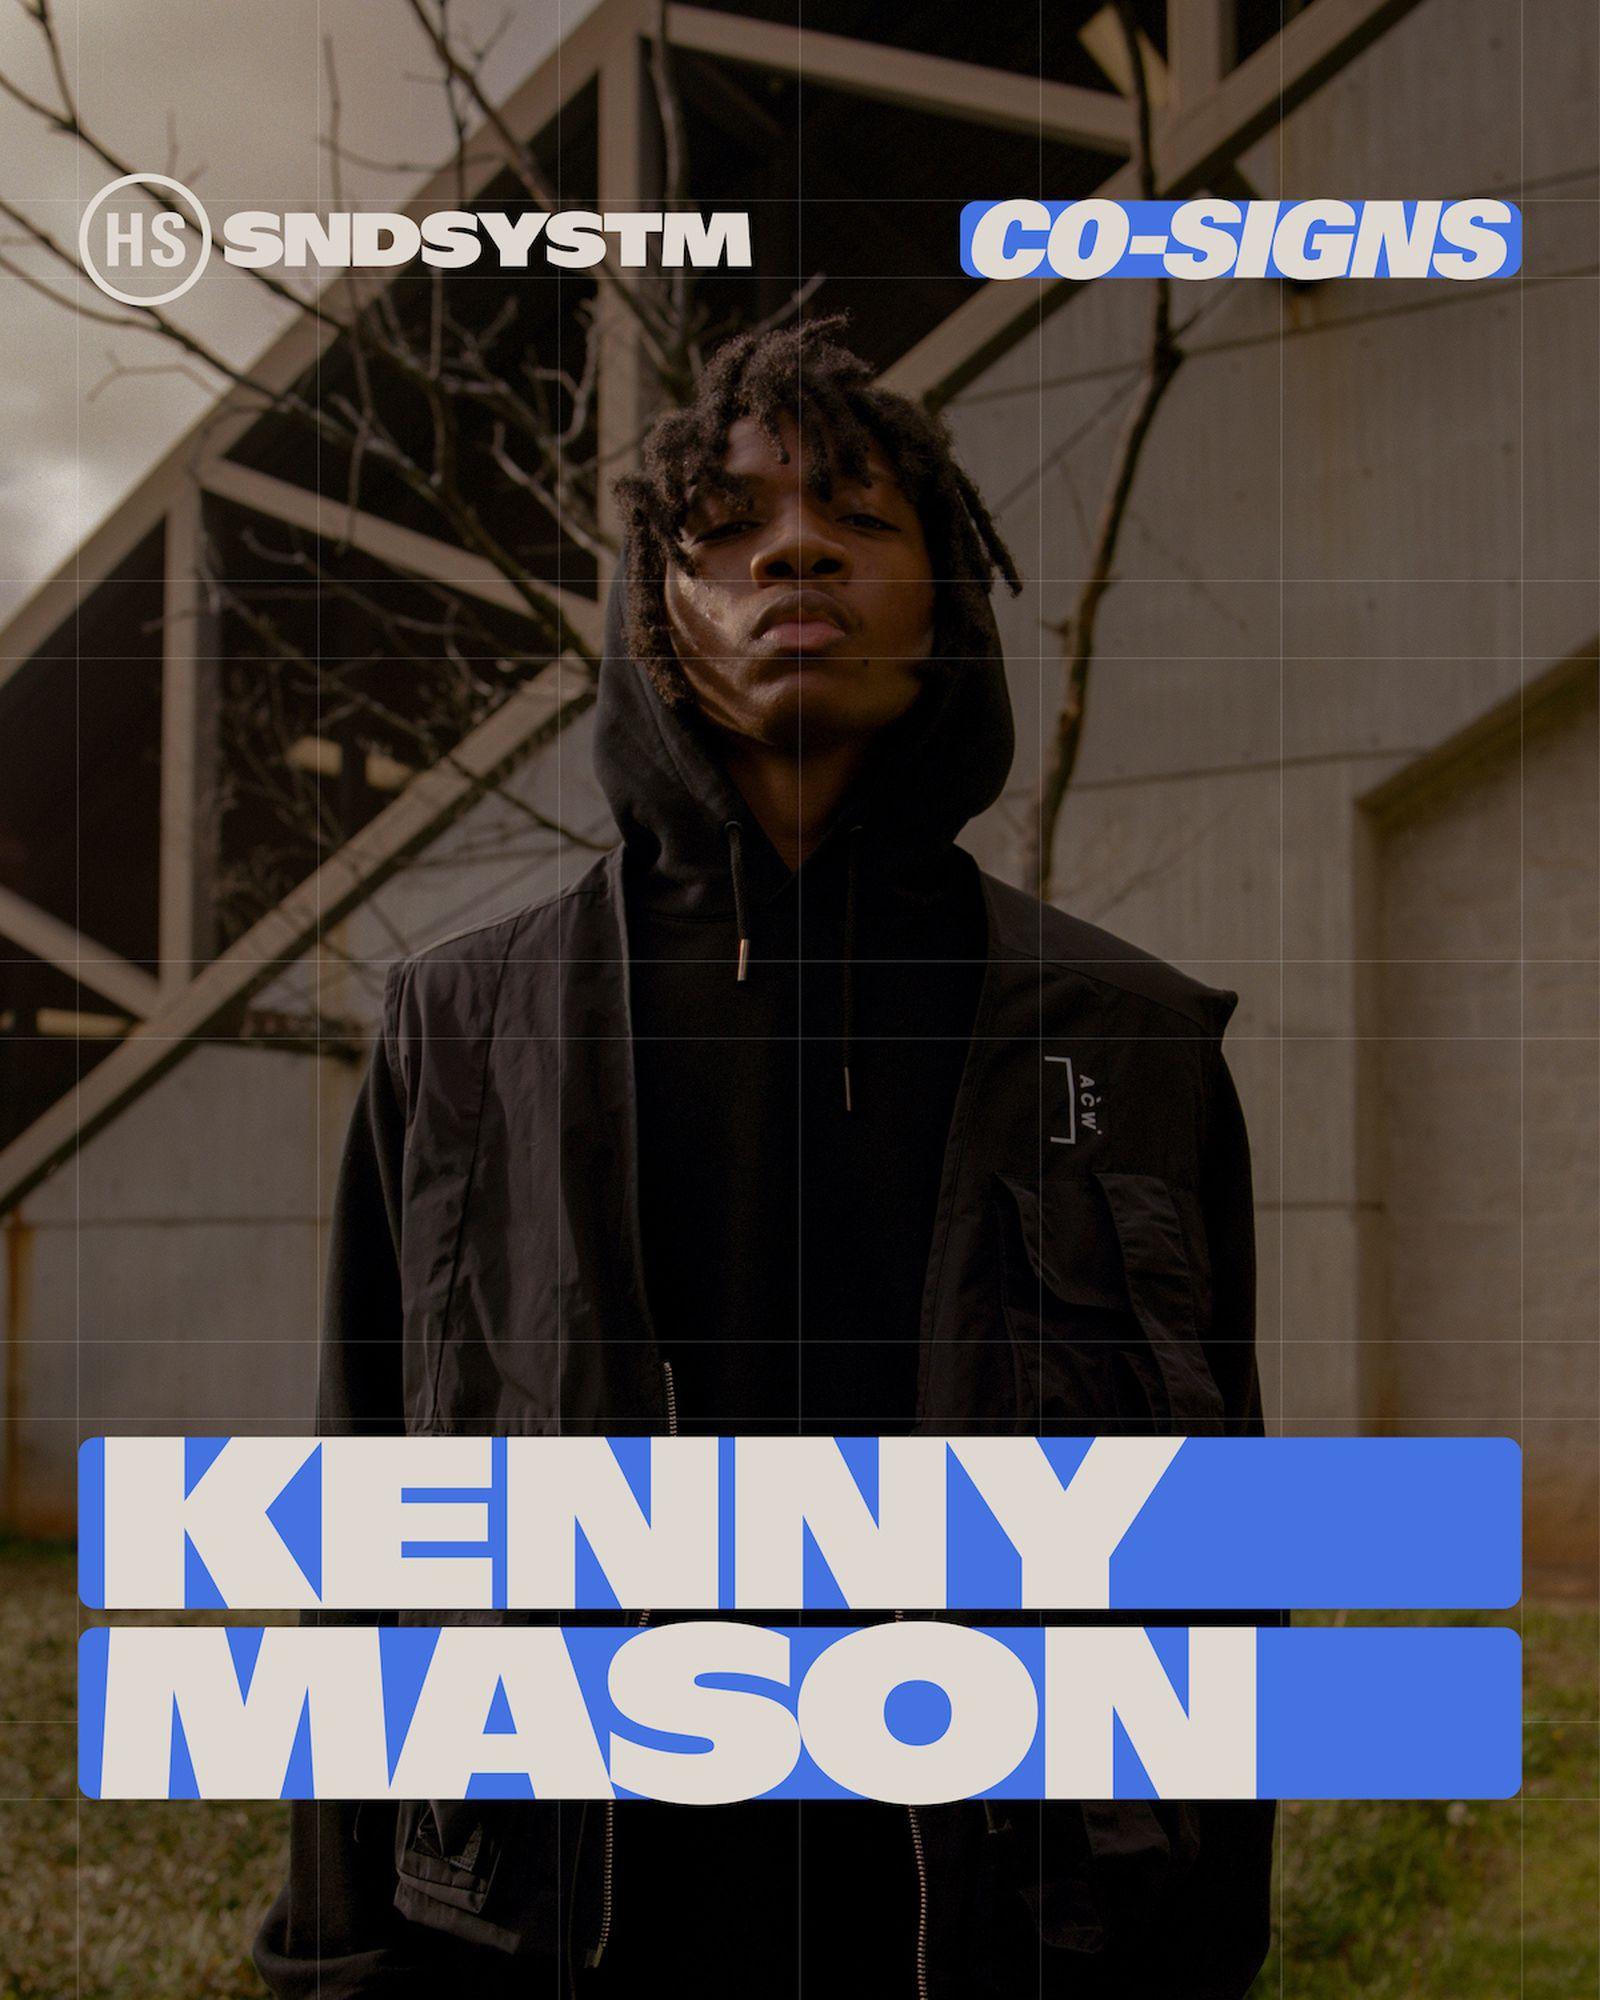 highsnobiety-soundsystem-co-signs-kenny-mason-main